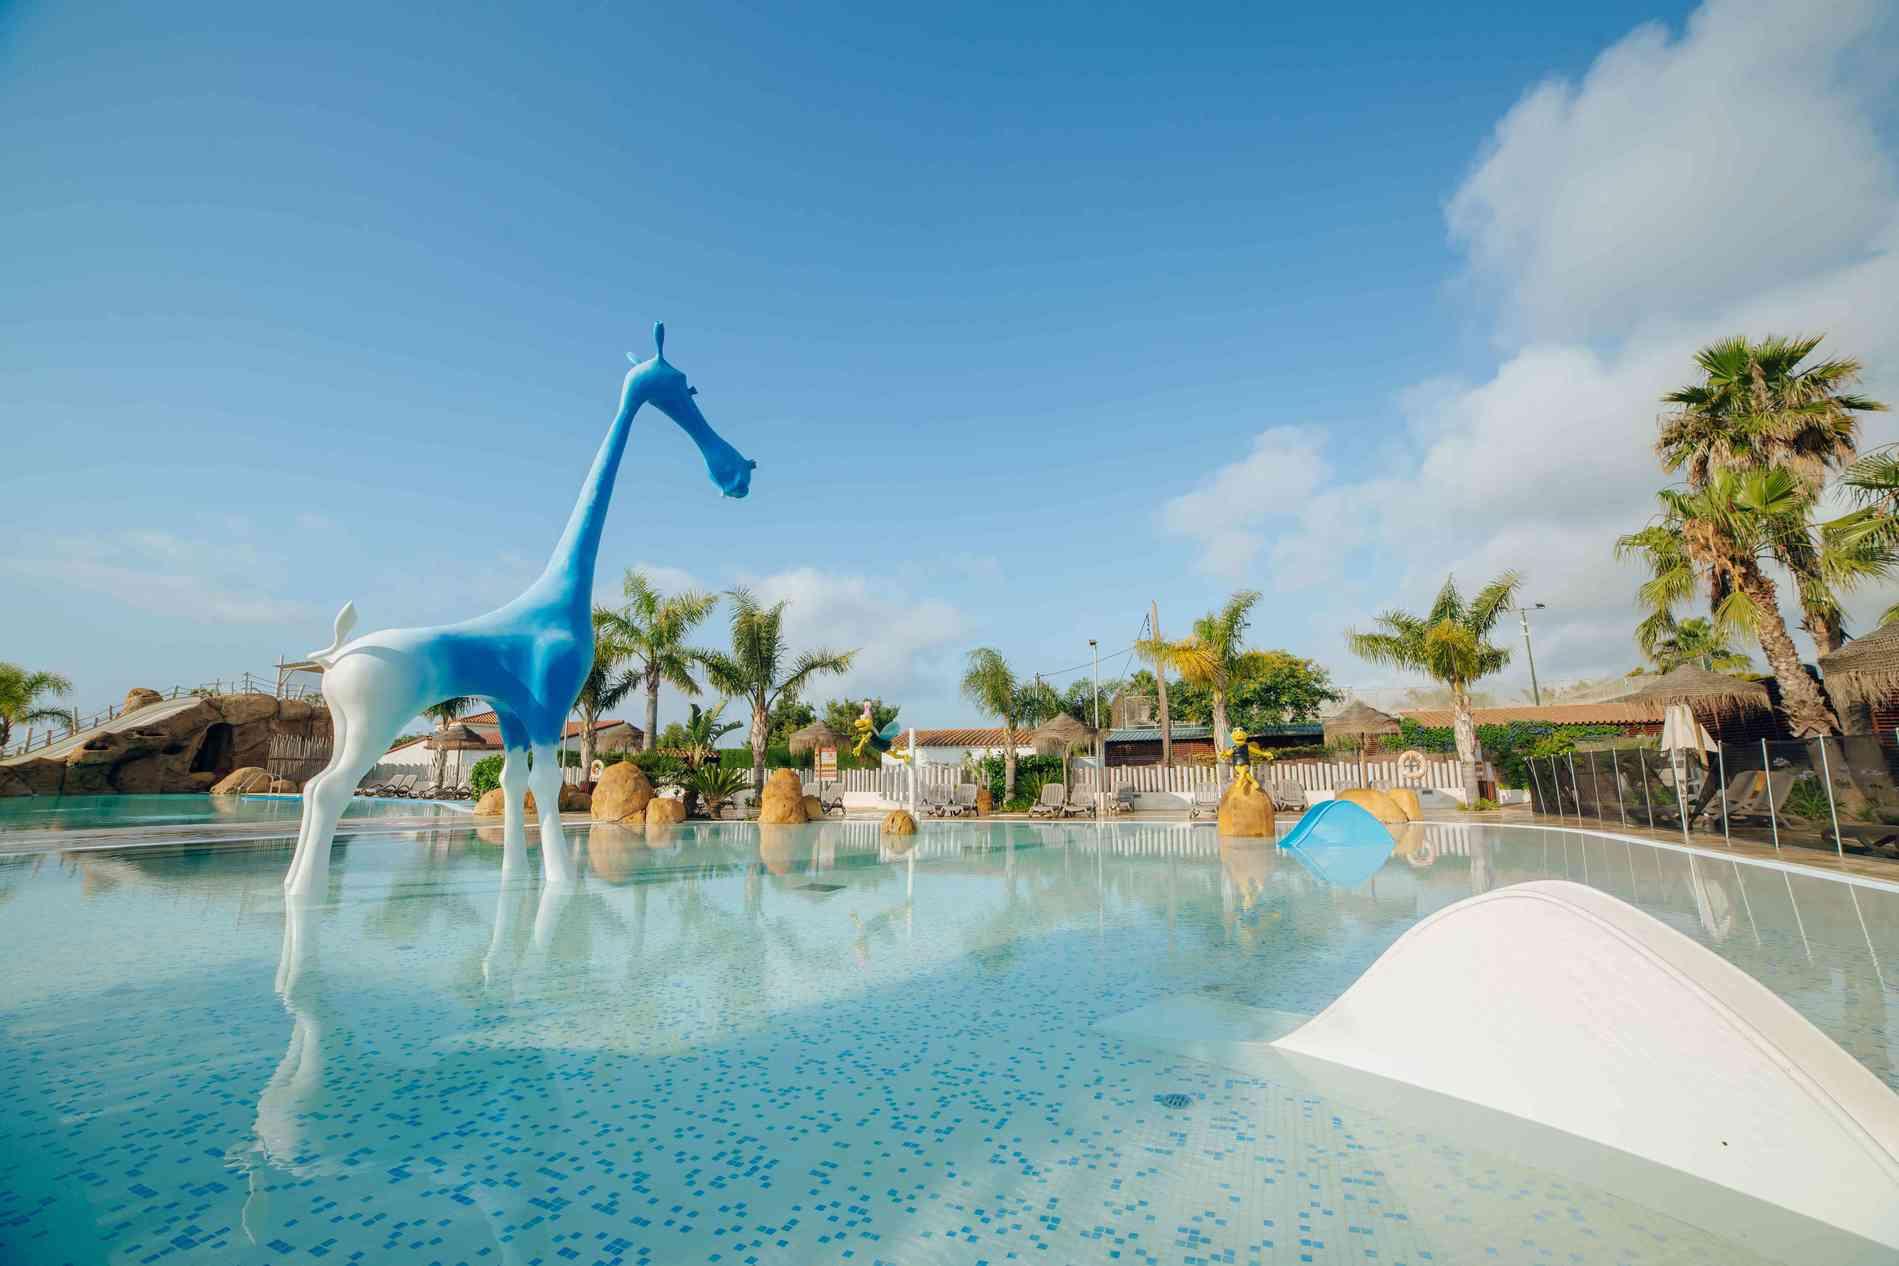 Alannia Resorts Els Prats